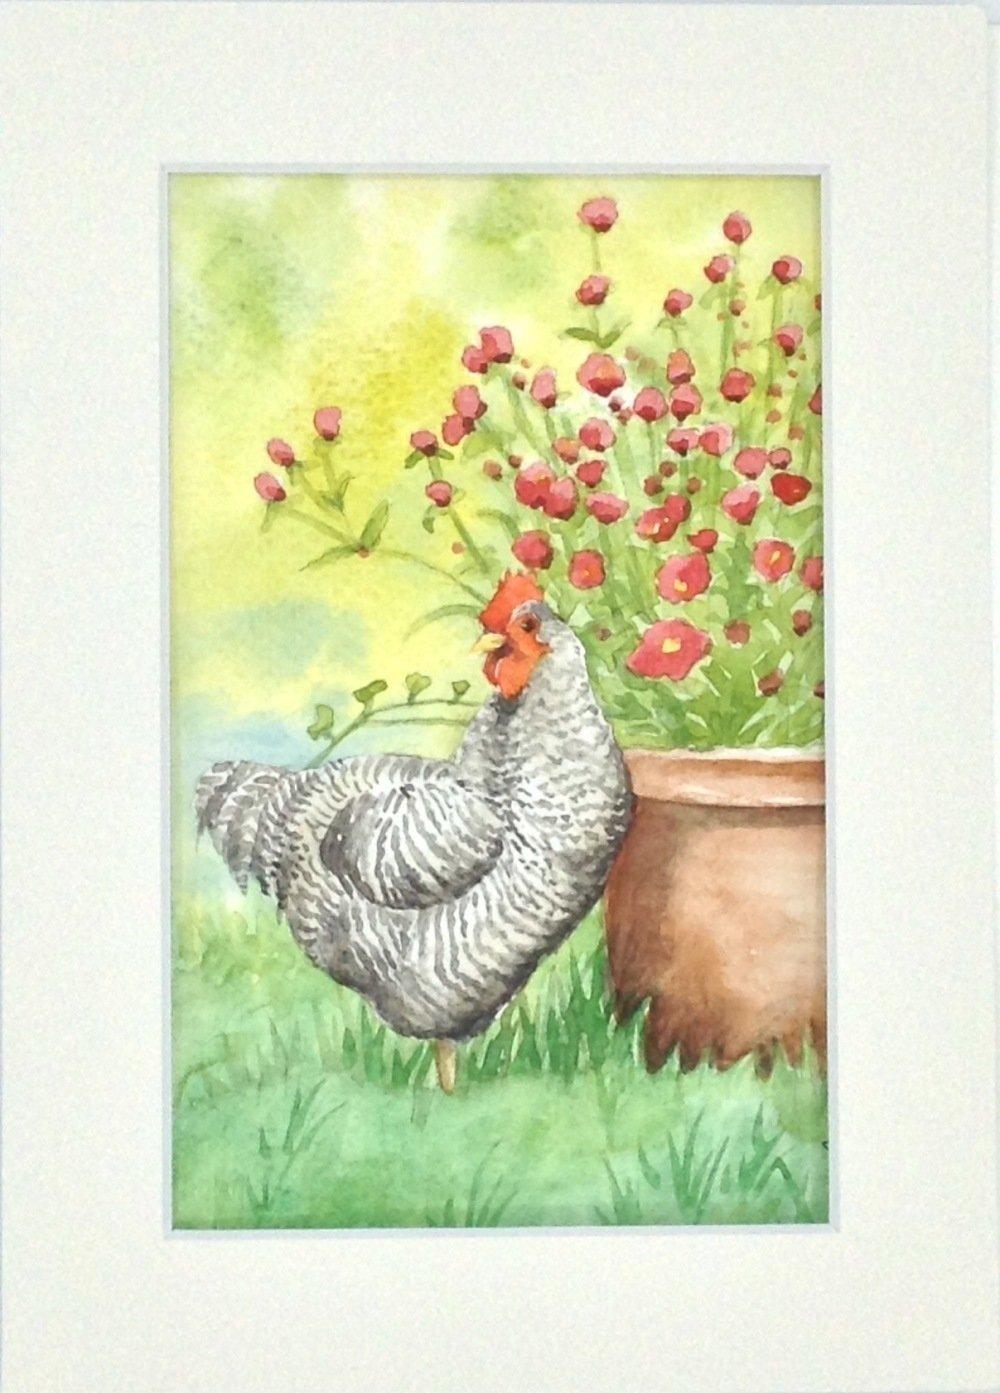 Tableau aquarelle poule